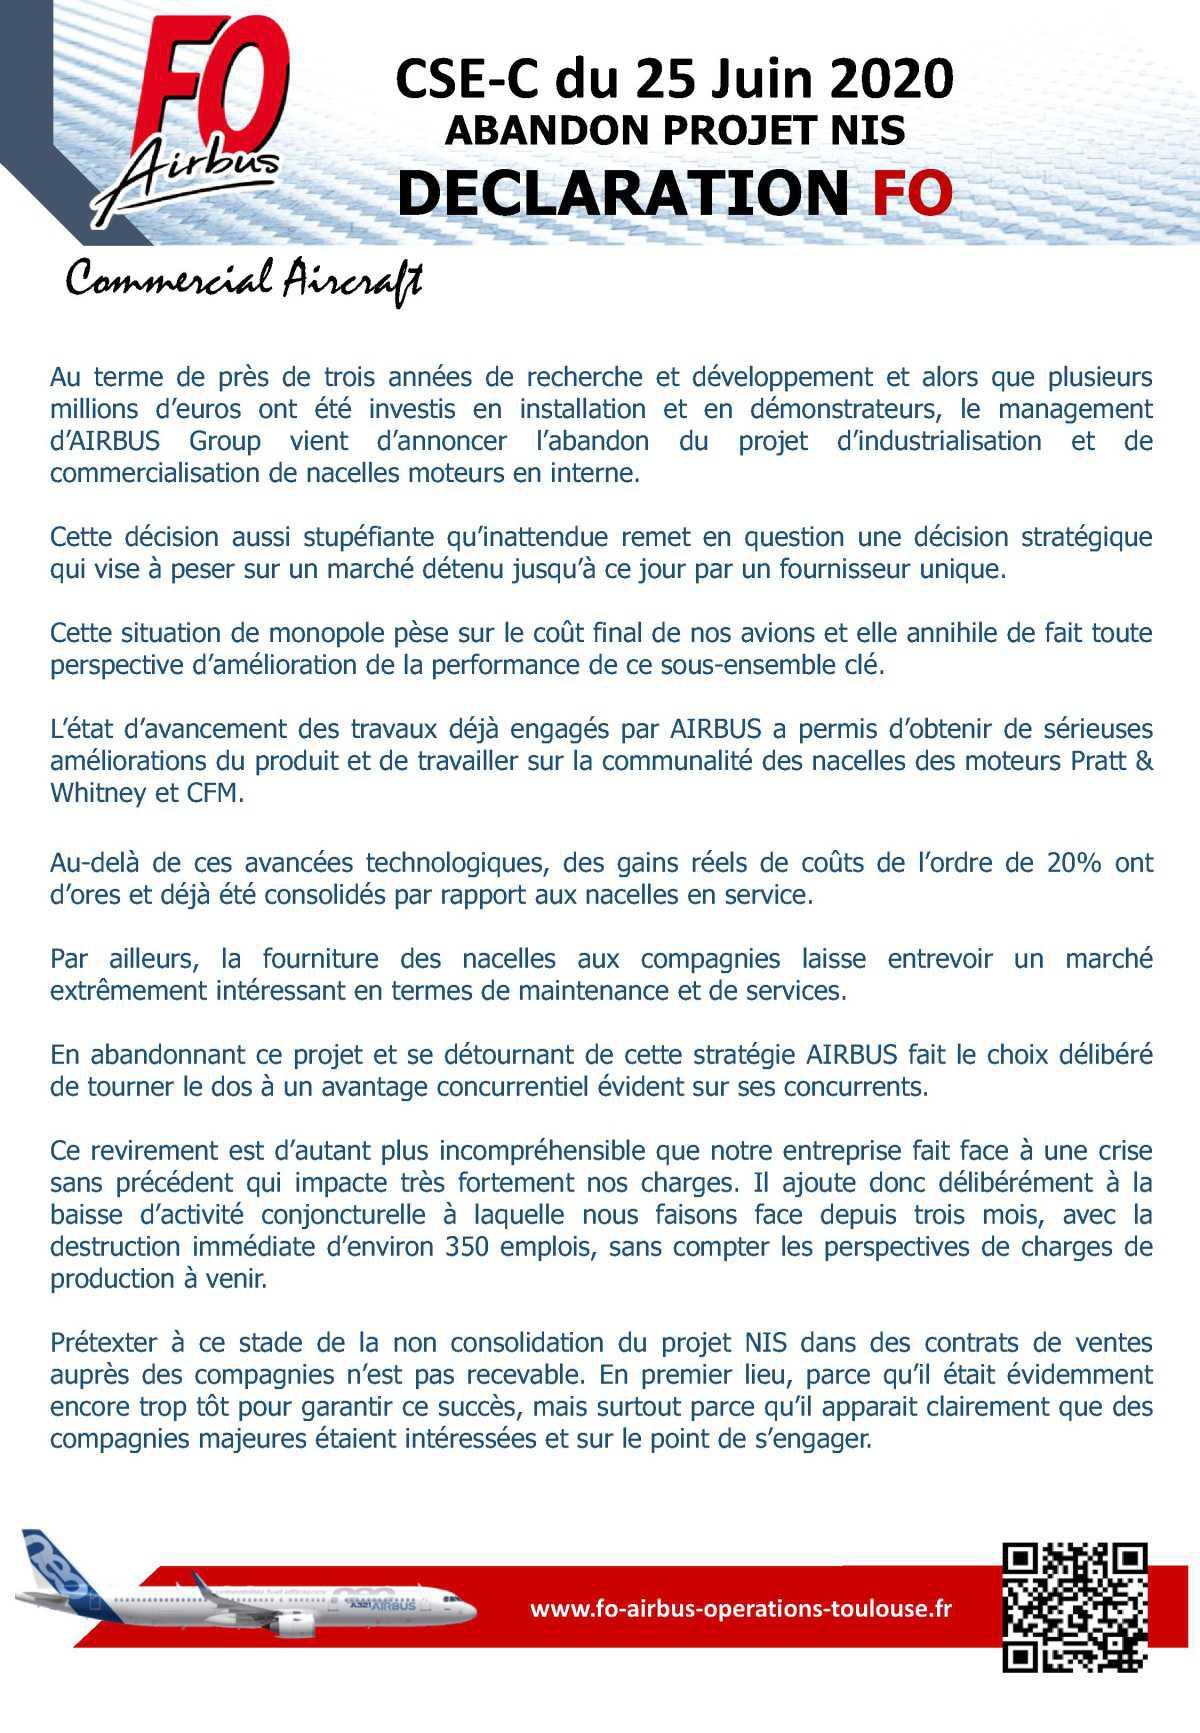 Déclaration CSE-C du 25 juin